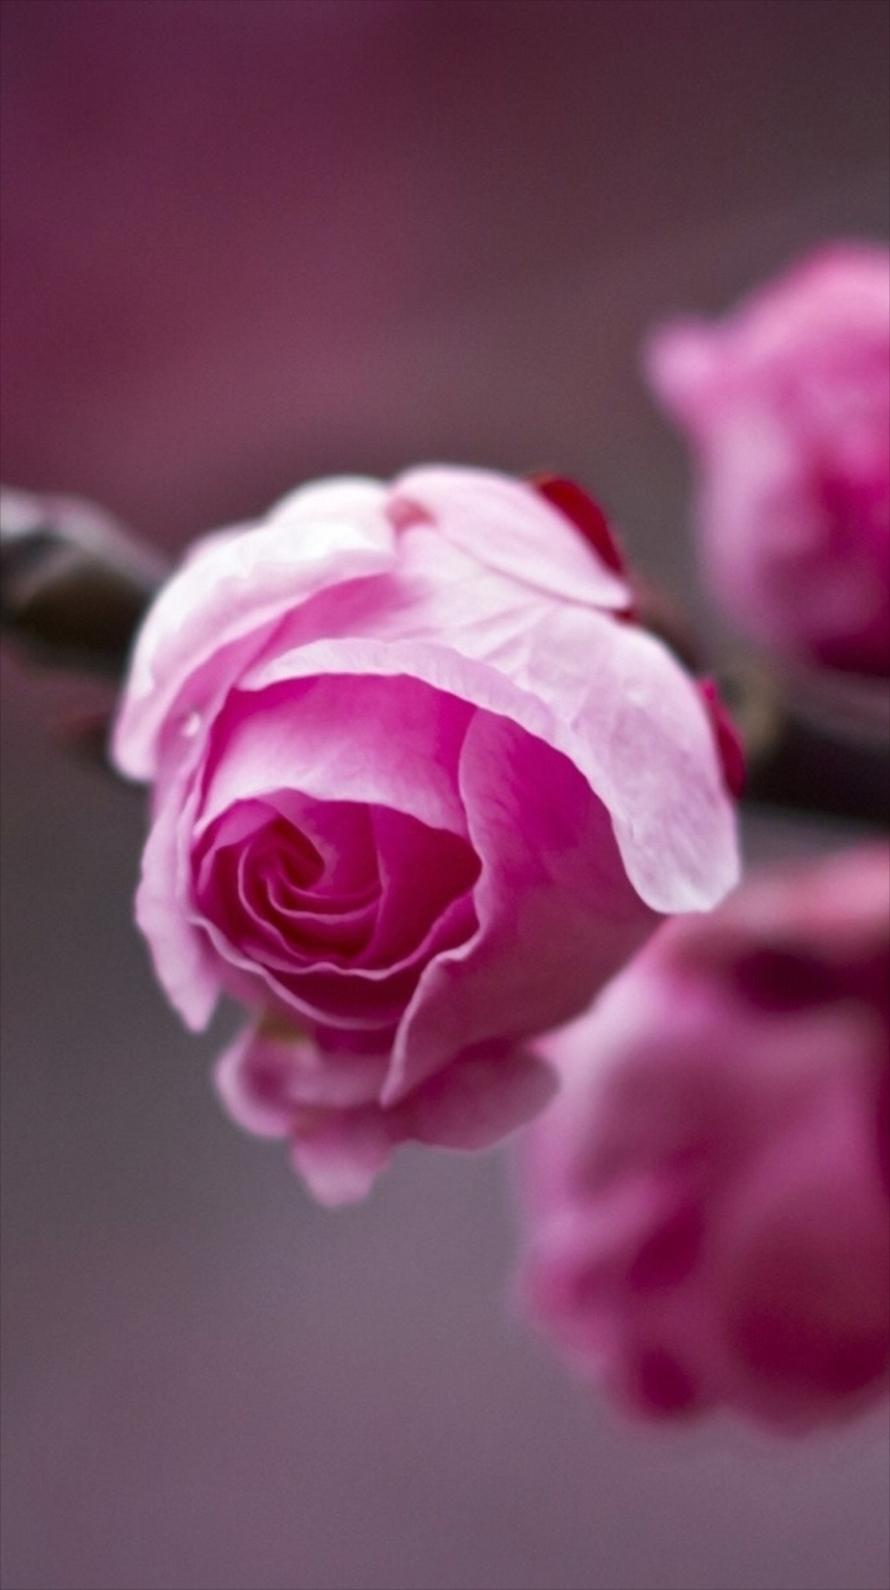 かわいいピンクの薔薇 iPhone6壁紙